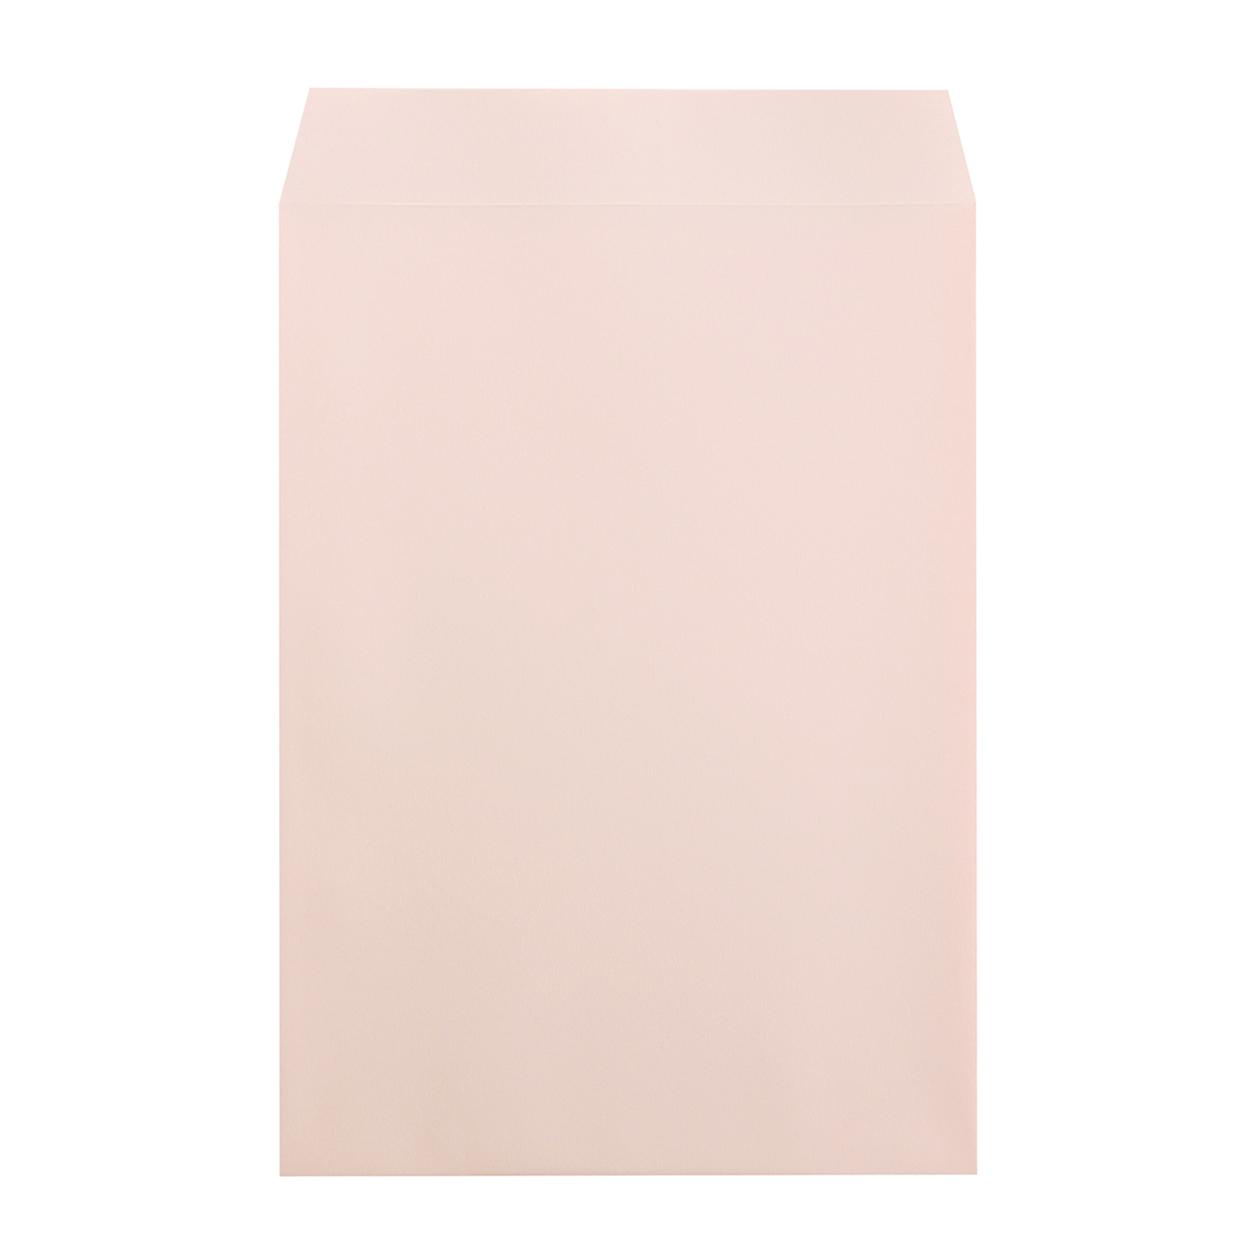 角2封筒 コットン ピンク 116.3g